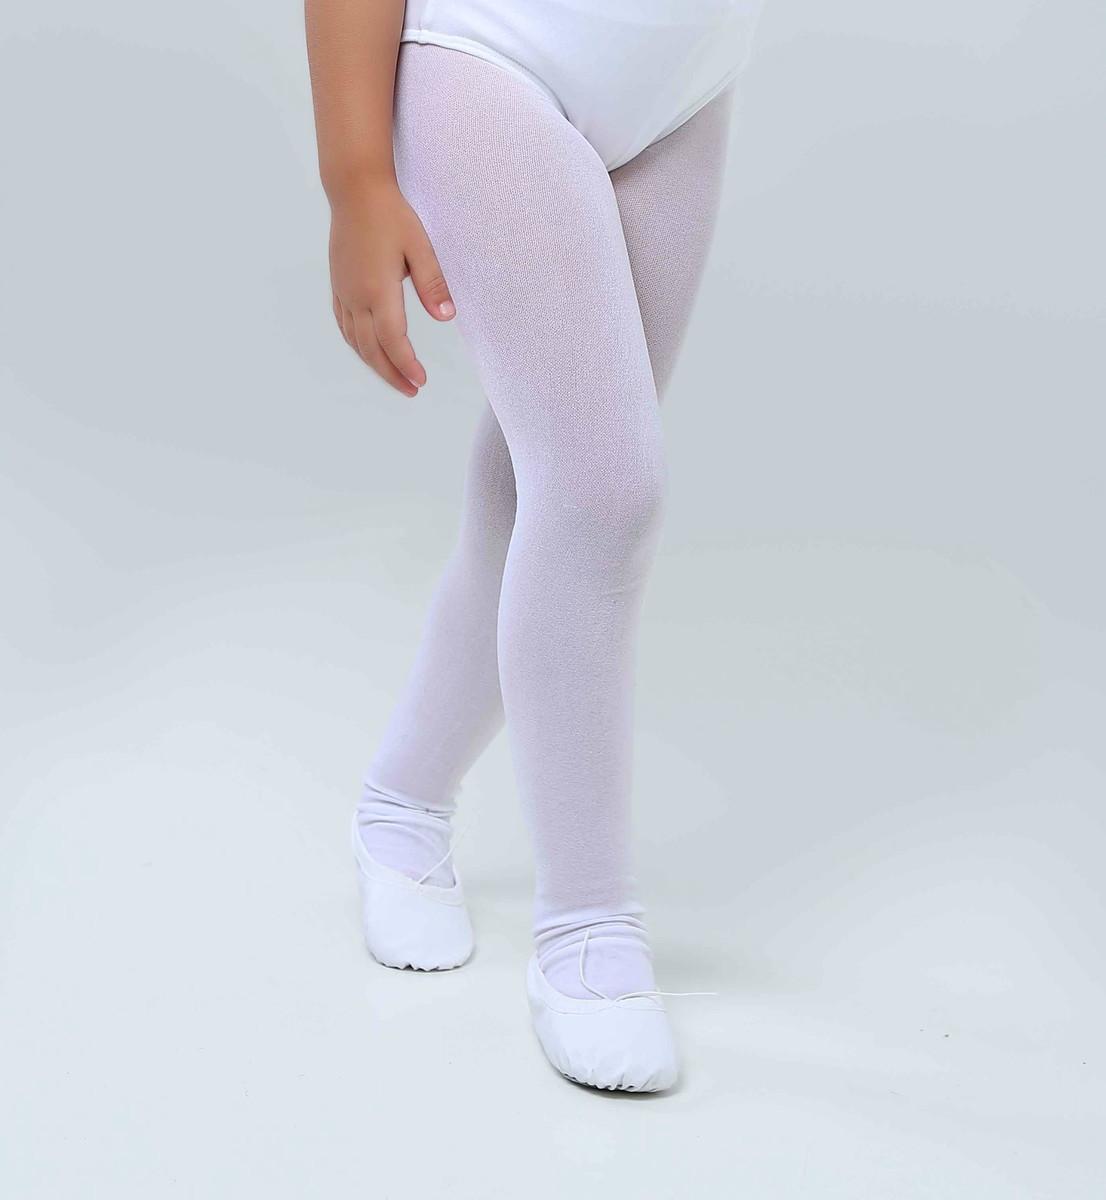 b9f40bea2 Meia Calça Ballet Infantil Branca no Elo7